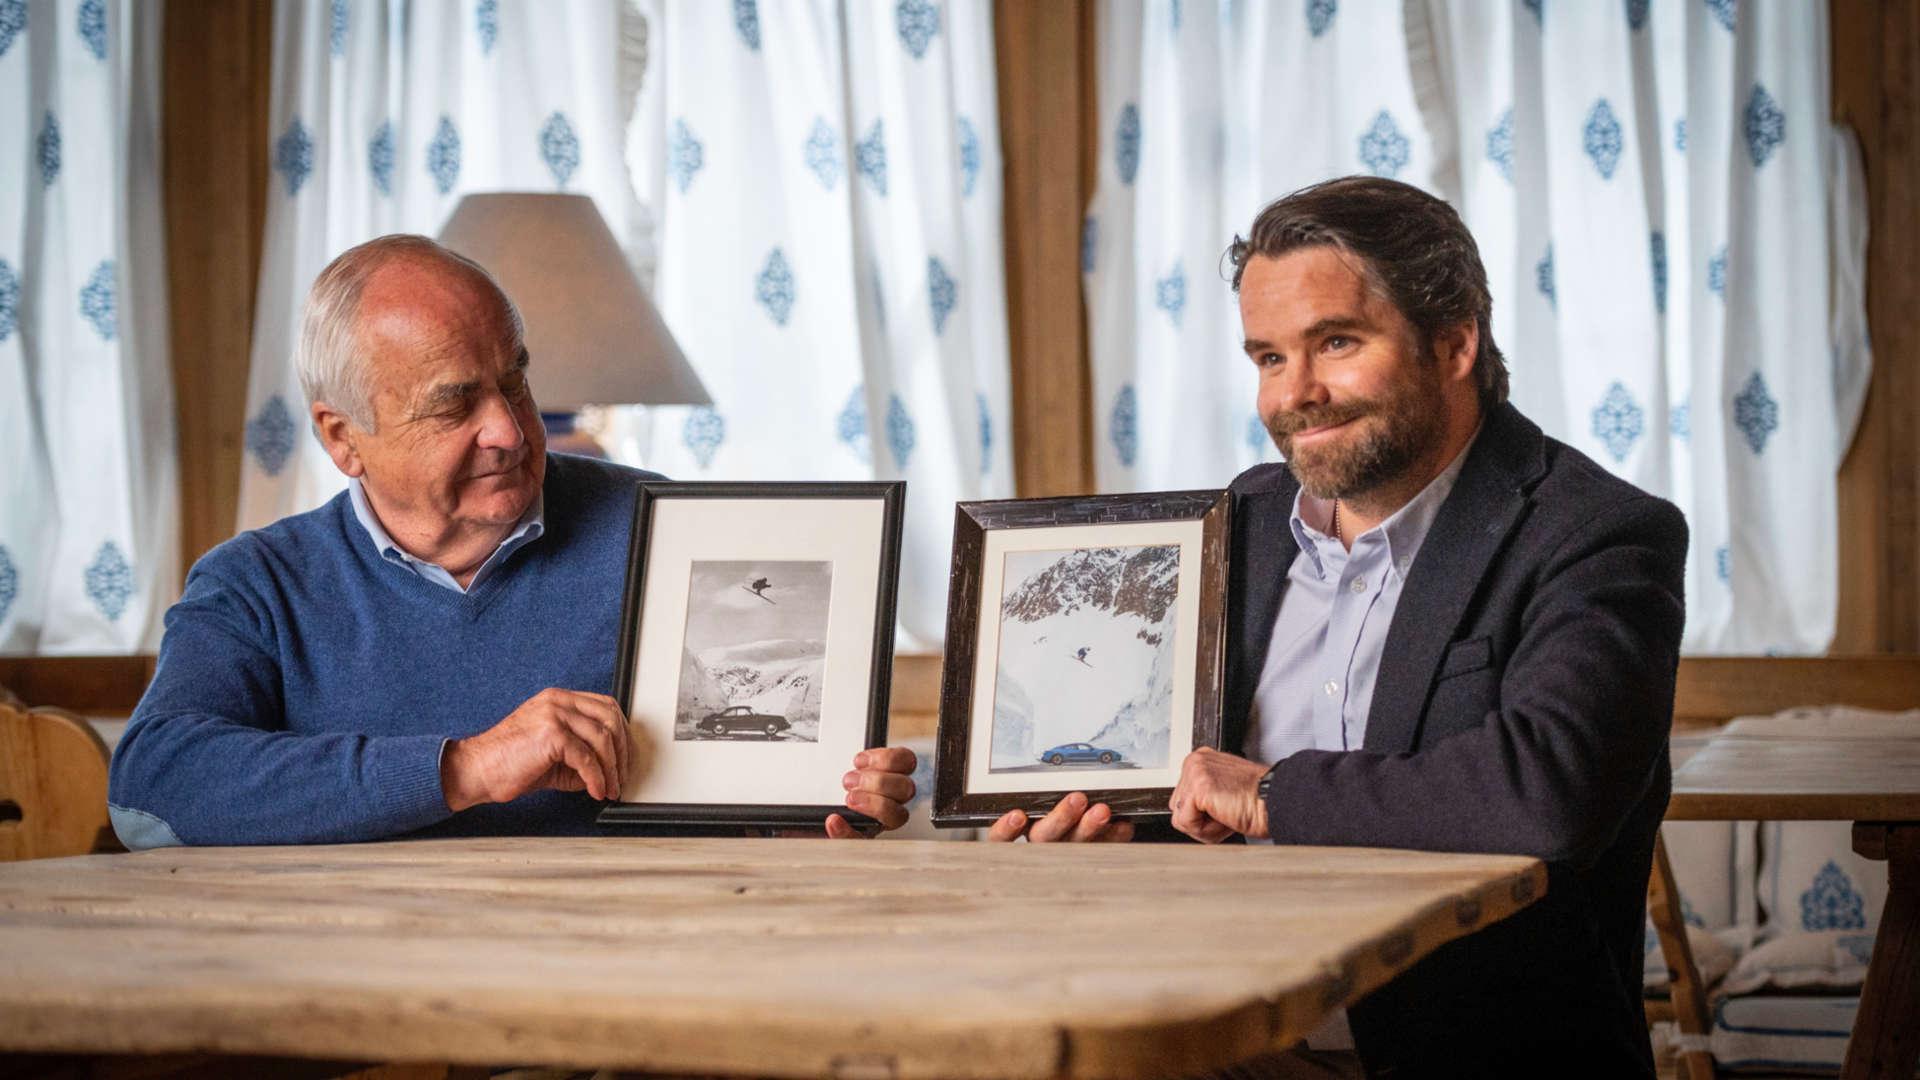 Karlheinz Zimmermann (l) mit der Schwarzweiß-Fotografie seines Bruders Egon Zimmermann